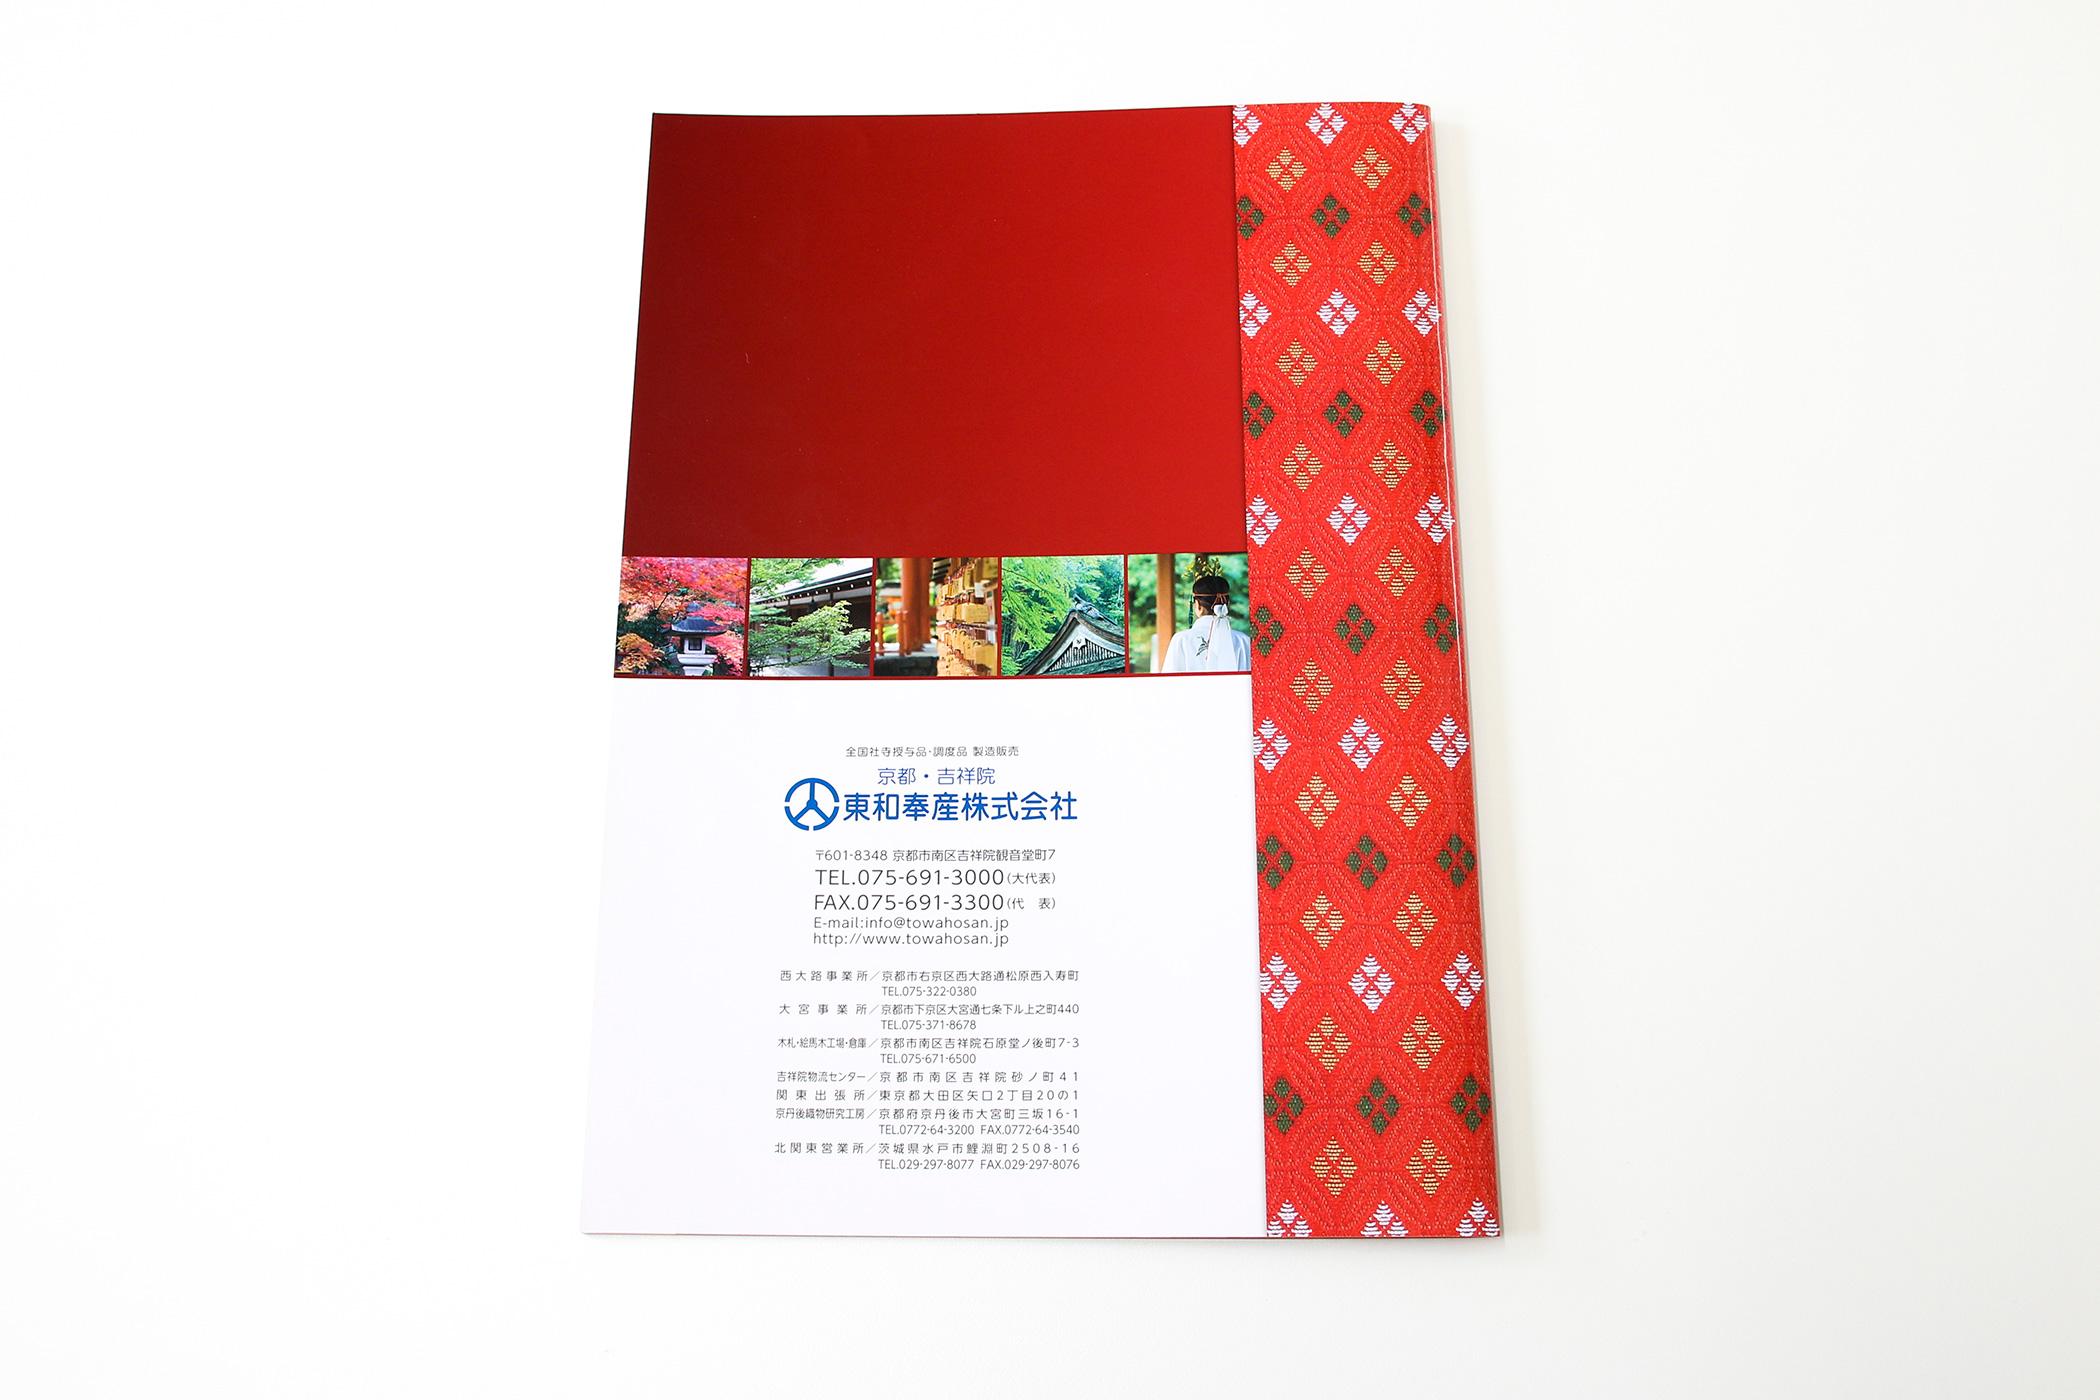 東和奉産株式会社-会社案内-裏表紙